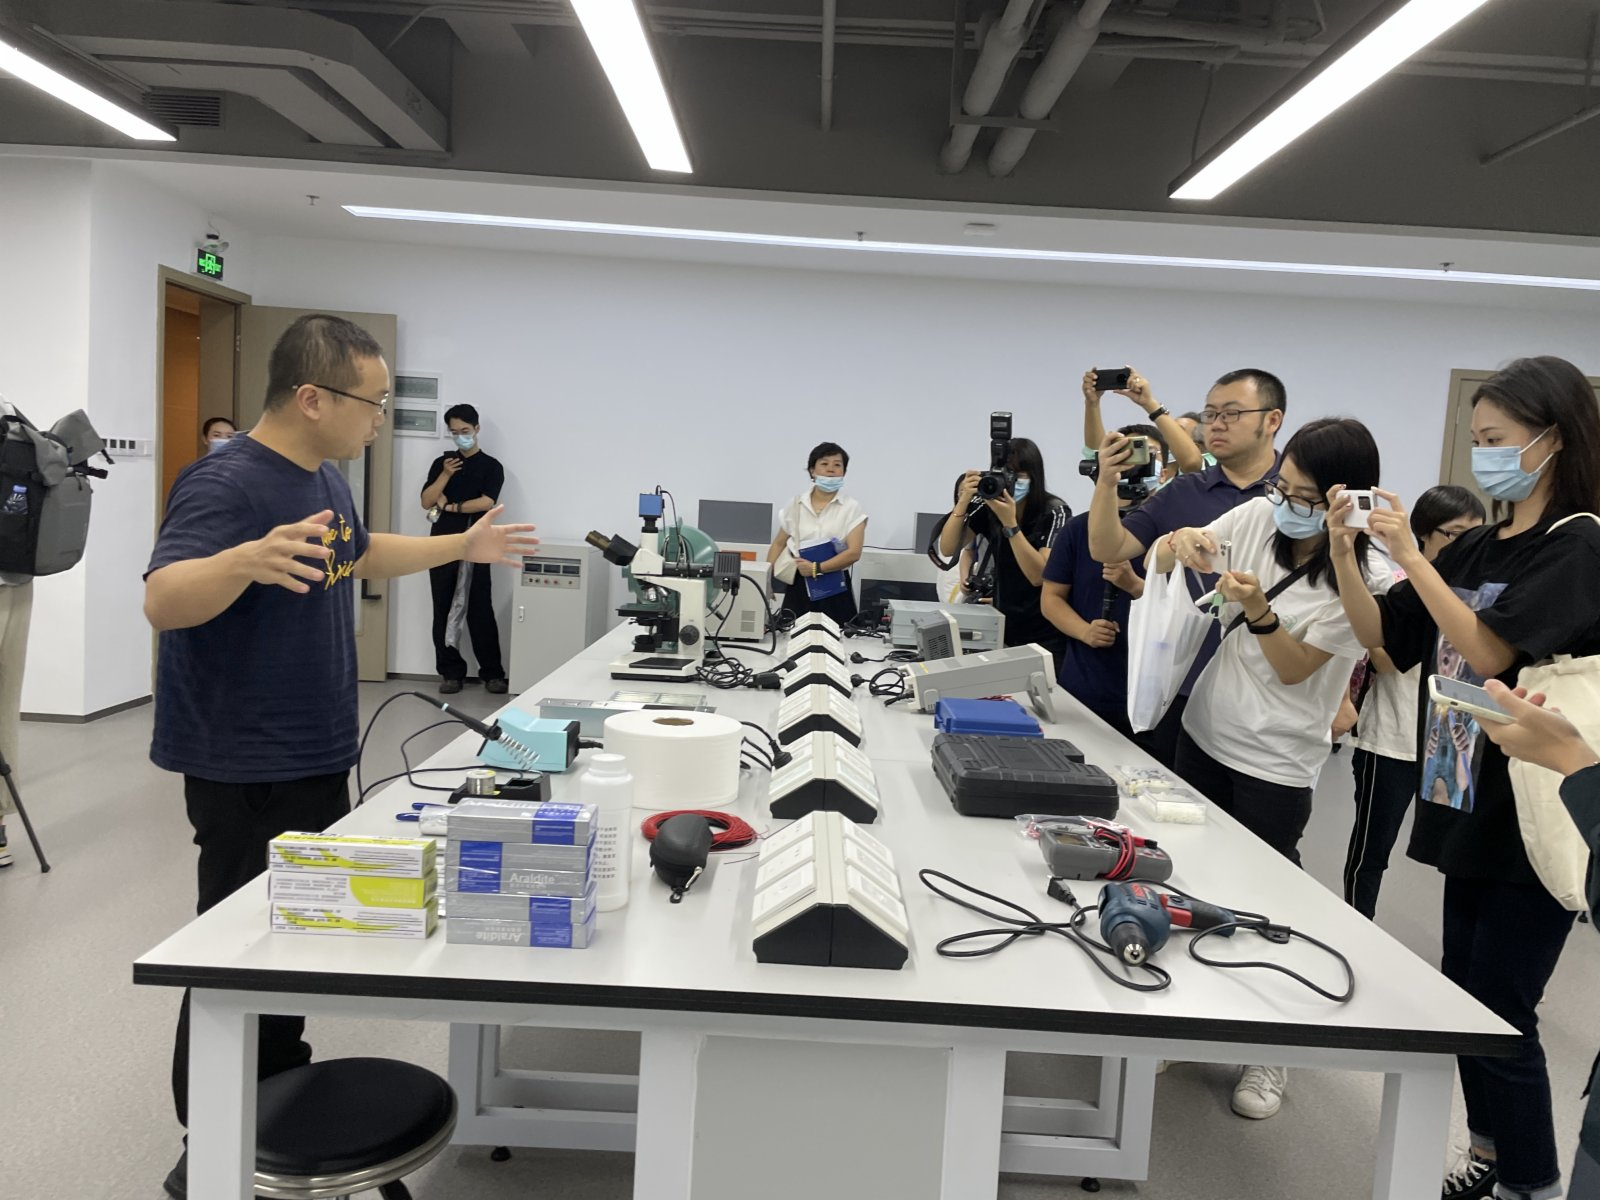 香港科技大學藍海灣孵化港入駐團隊負責人介紹實驗室。(胡永愛攝)